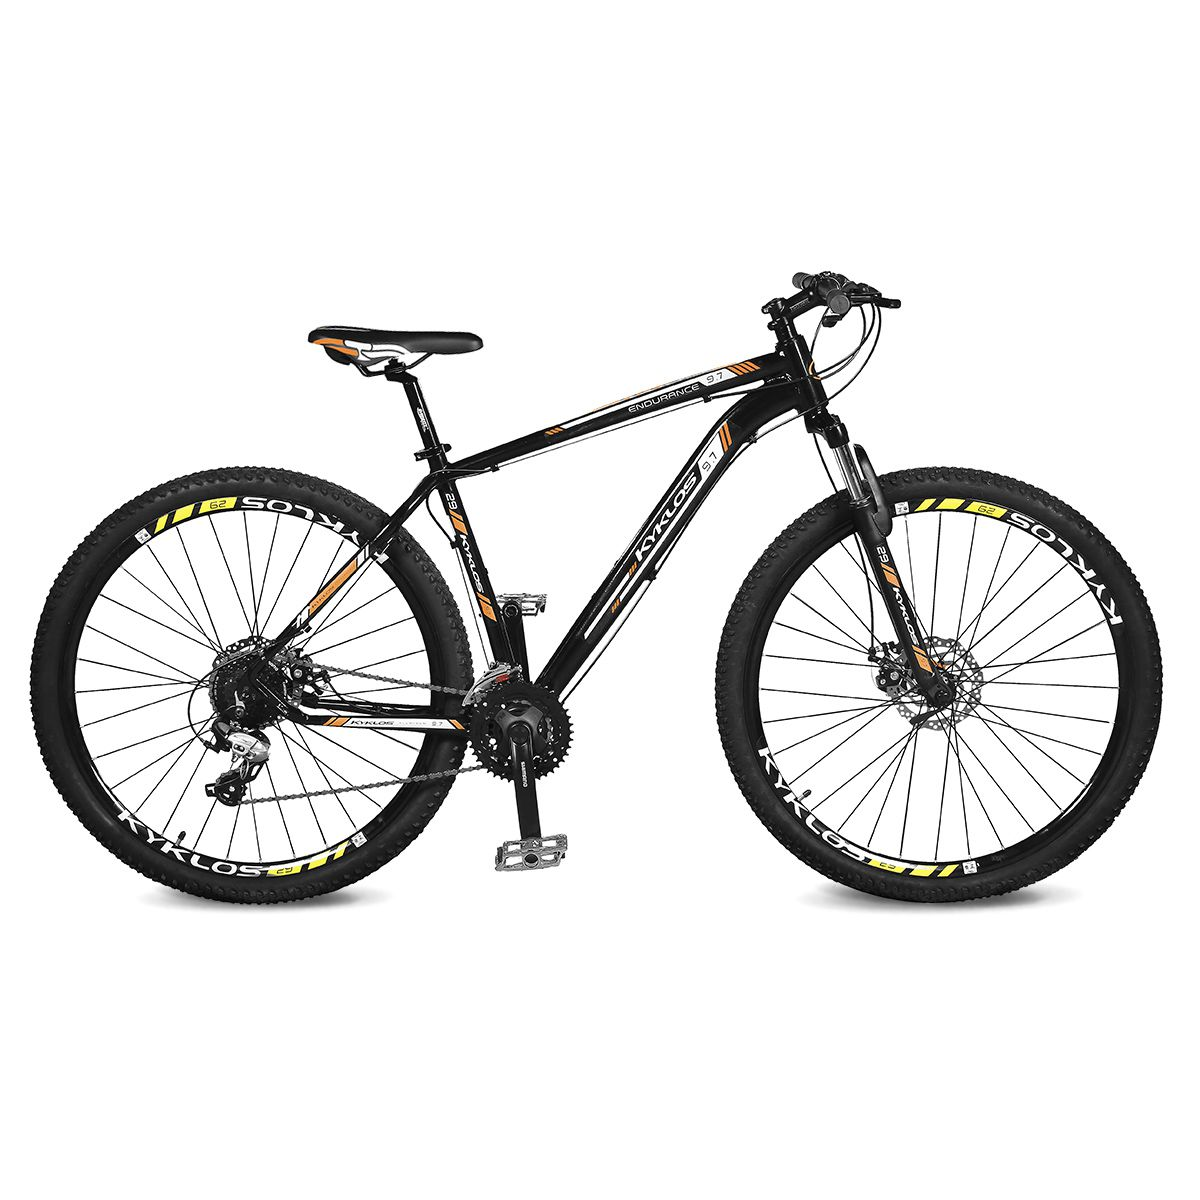 Bicicleta Kyklos Aro 29 Endurance 9.7 24V Freio a Disco com Suspensão A-36 Preto/Laranja